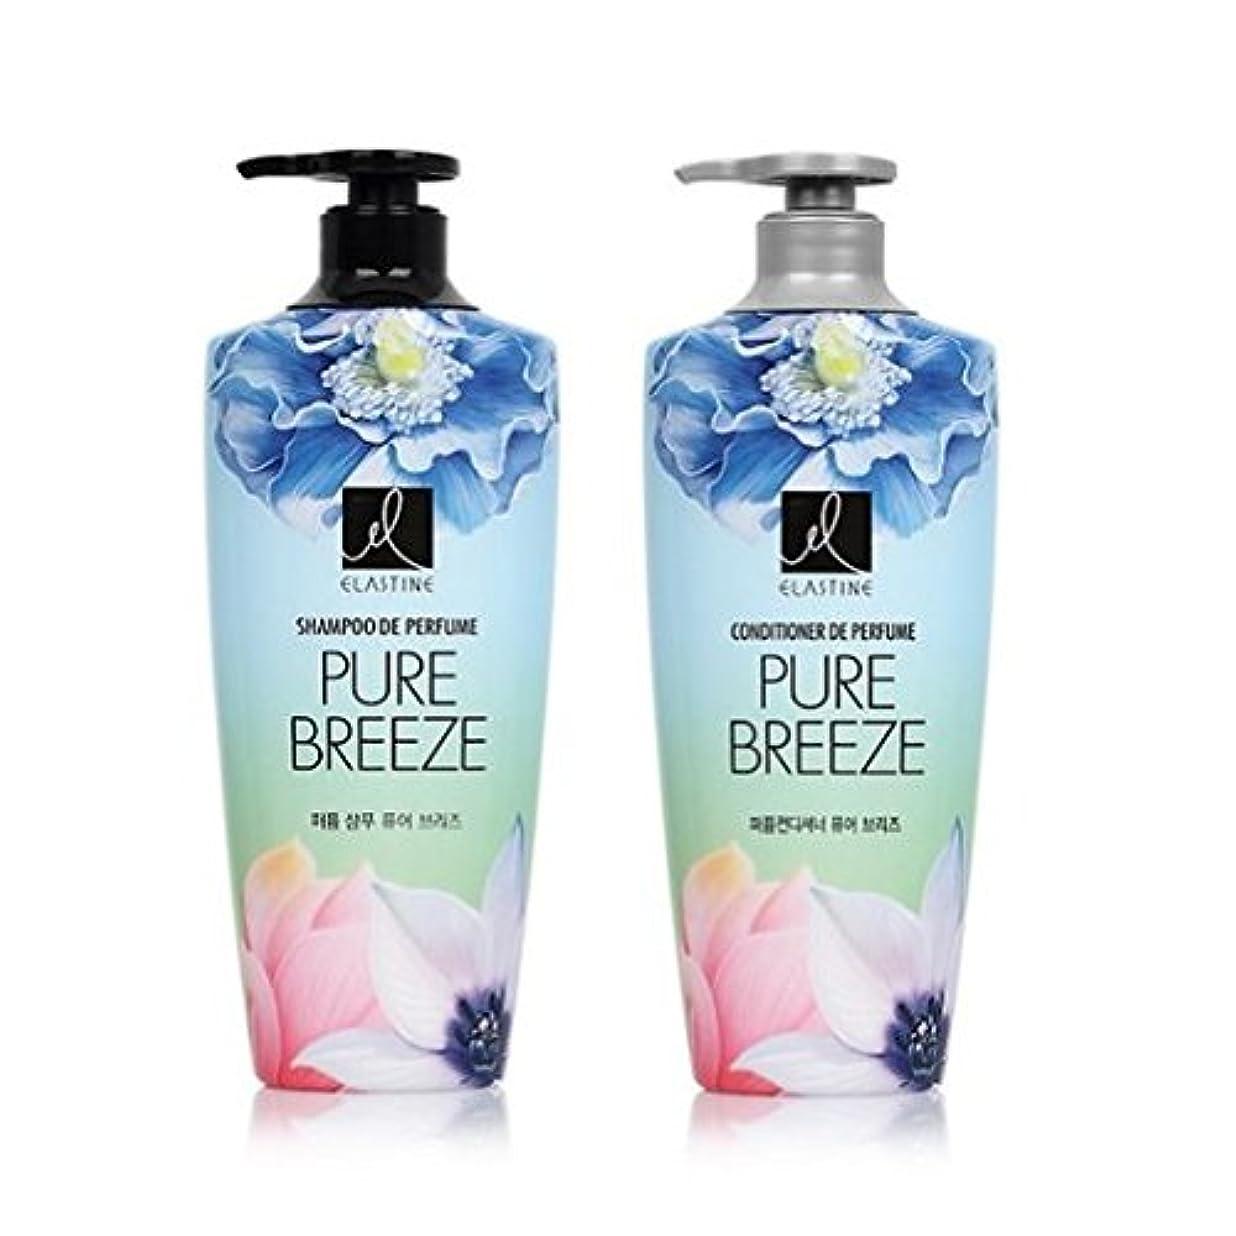 ソーセージ抗議メタリック[エラスティン] Elastine Perfume PURE BREEZE シャンプー600ml x 2本, コンディショナー600ml x 1本 / パフュームピュアブリーズ [並行輸入品]